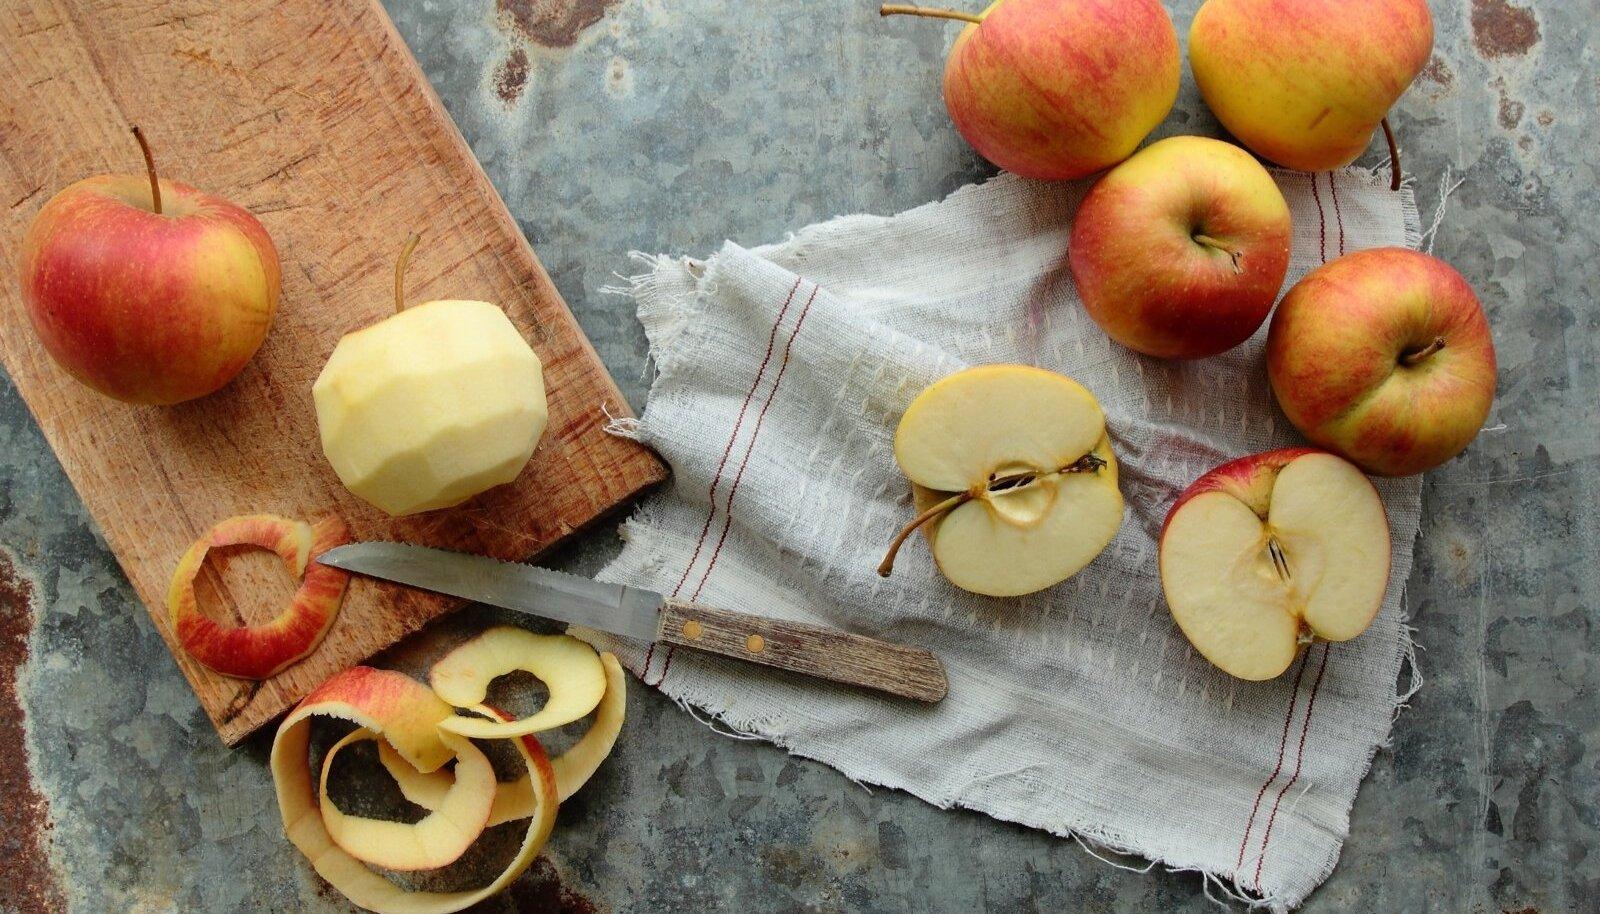 Kas koorida õunu või mitte?